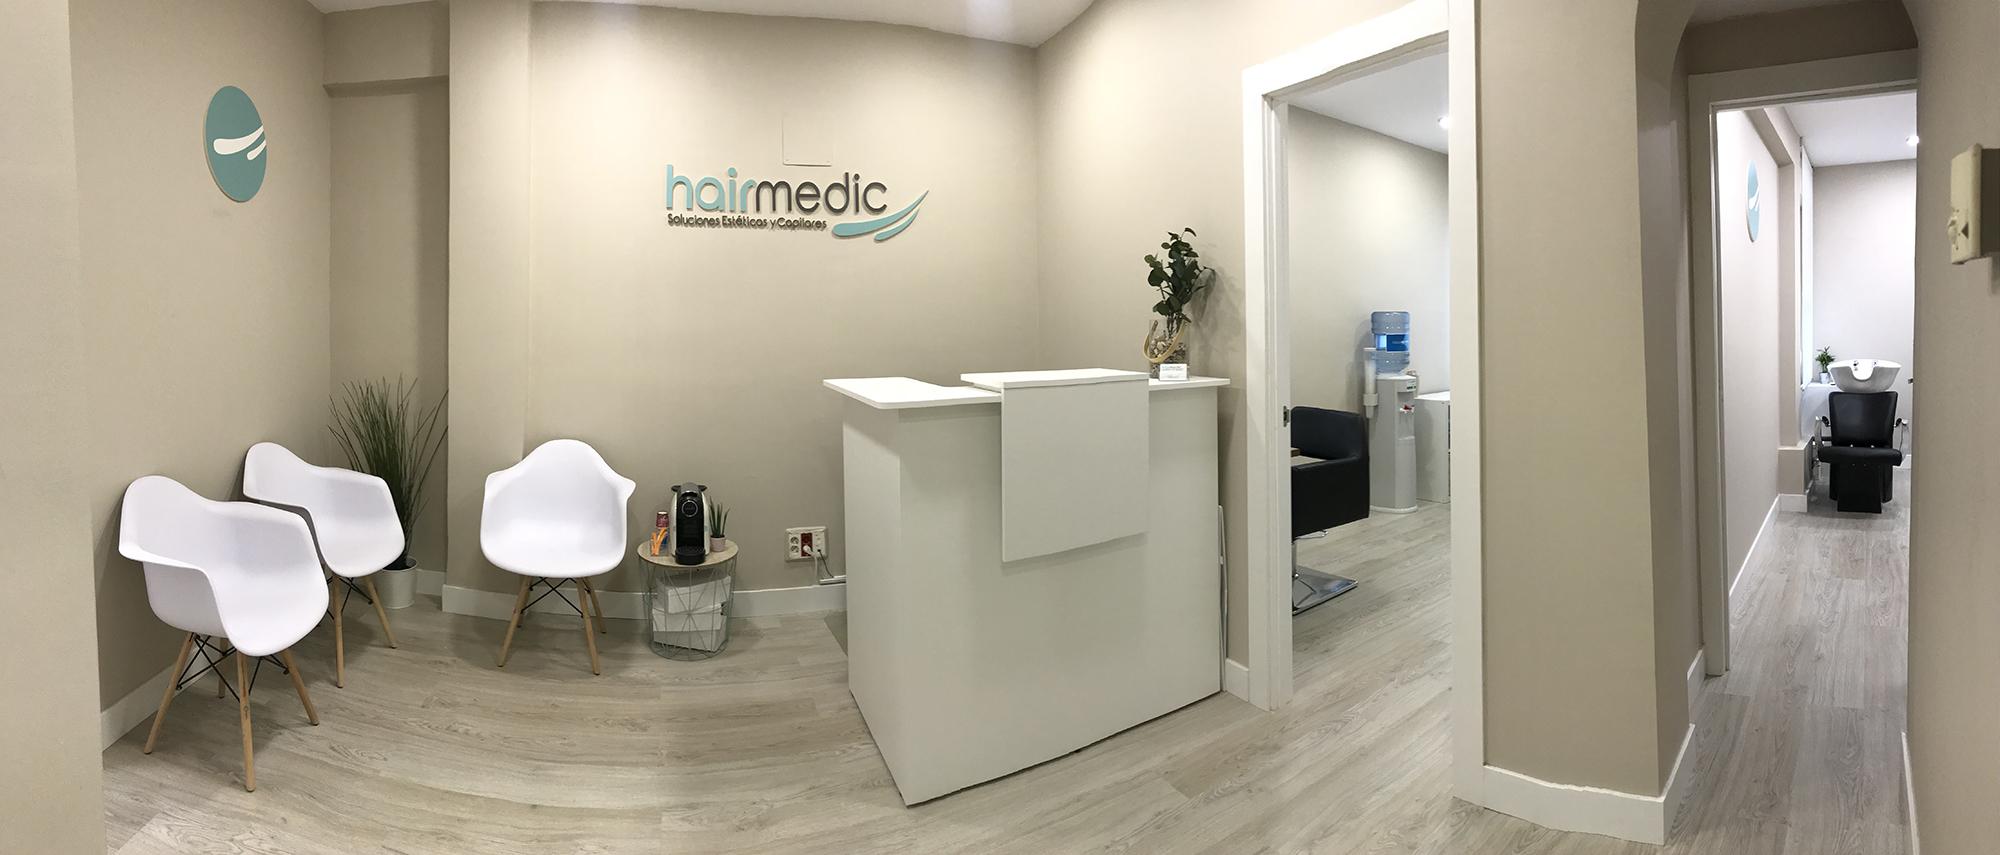 Hair Medic - Soluciones Estéticas y capilares en Bilbao